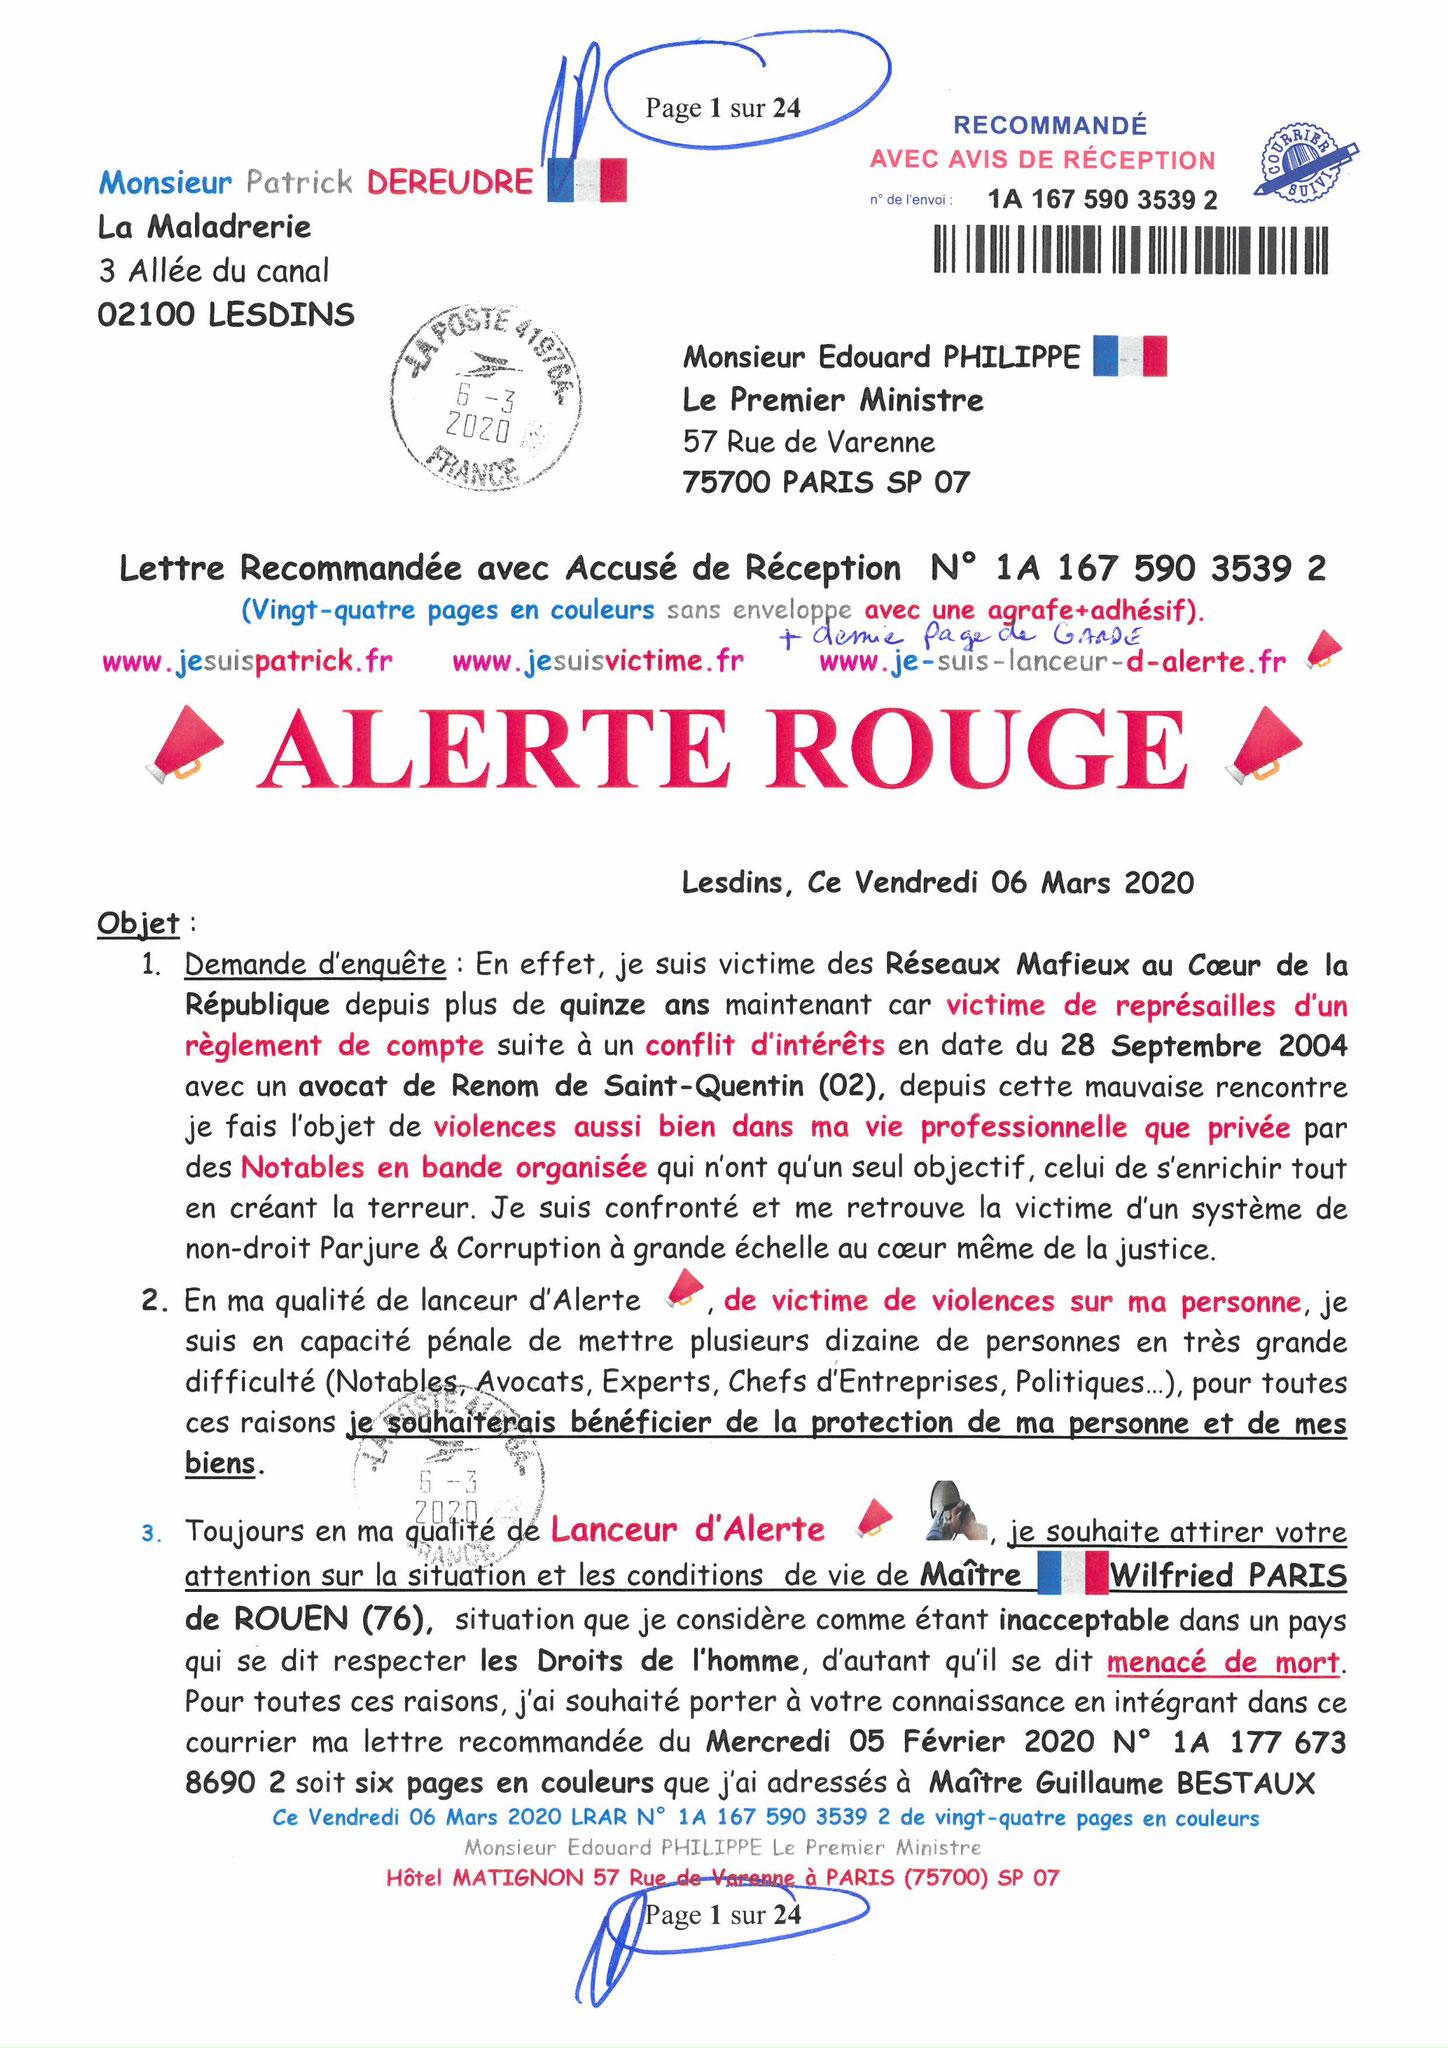 Ma LRAR à Monsieur le  Premier Ministre Edouard PHILIPPE N° 1A 167 590 3539 2 Page 1 sur 24 en Couleur du 06 Mars 2020  www.jesuispatrick.fr www.jesuisvictime.fr www.alerte-rouge-france.fr